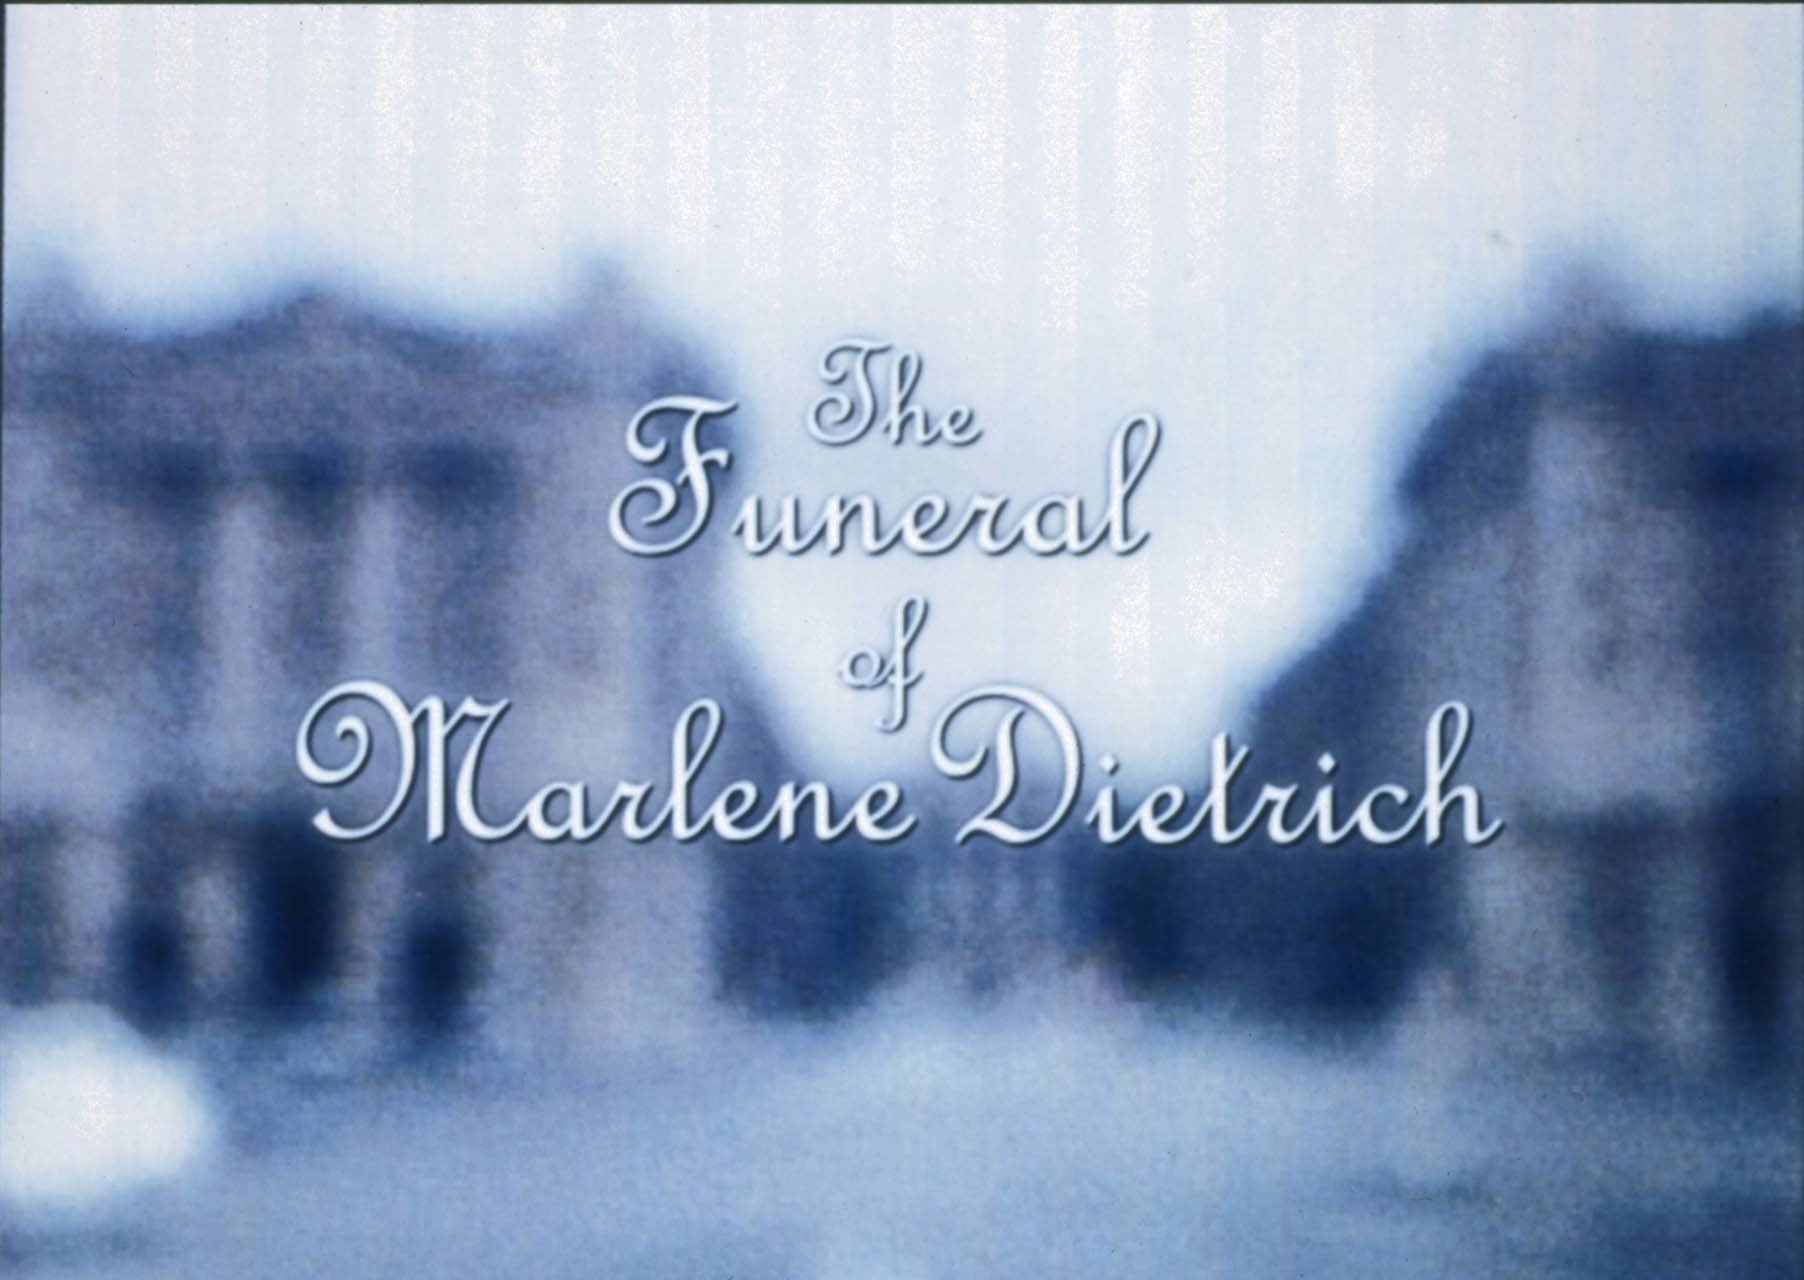 """<div class=""""artwork_caption""""><p>Das Begräbnis der Marlene Dietrich, 1999</p></div>"""